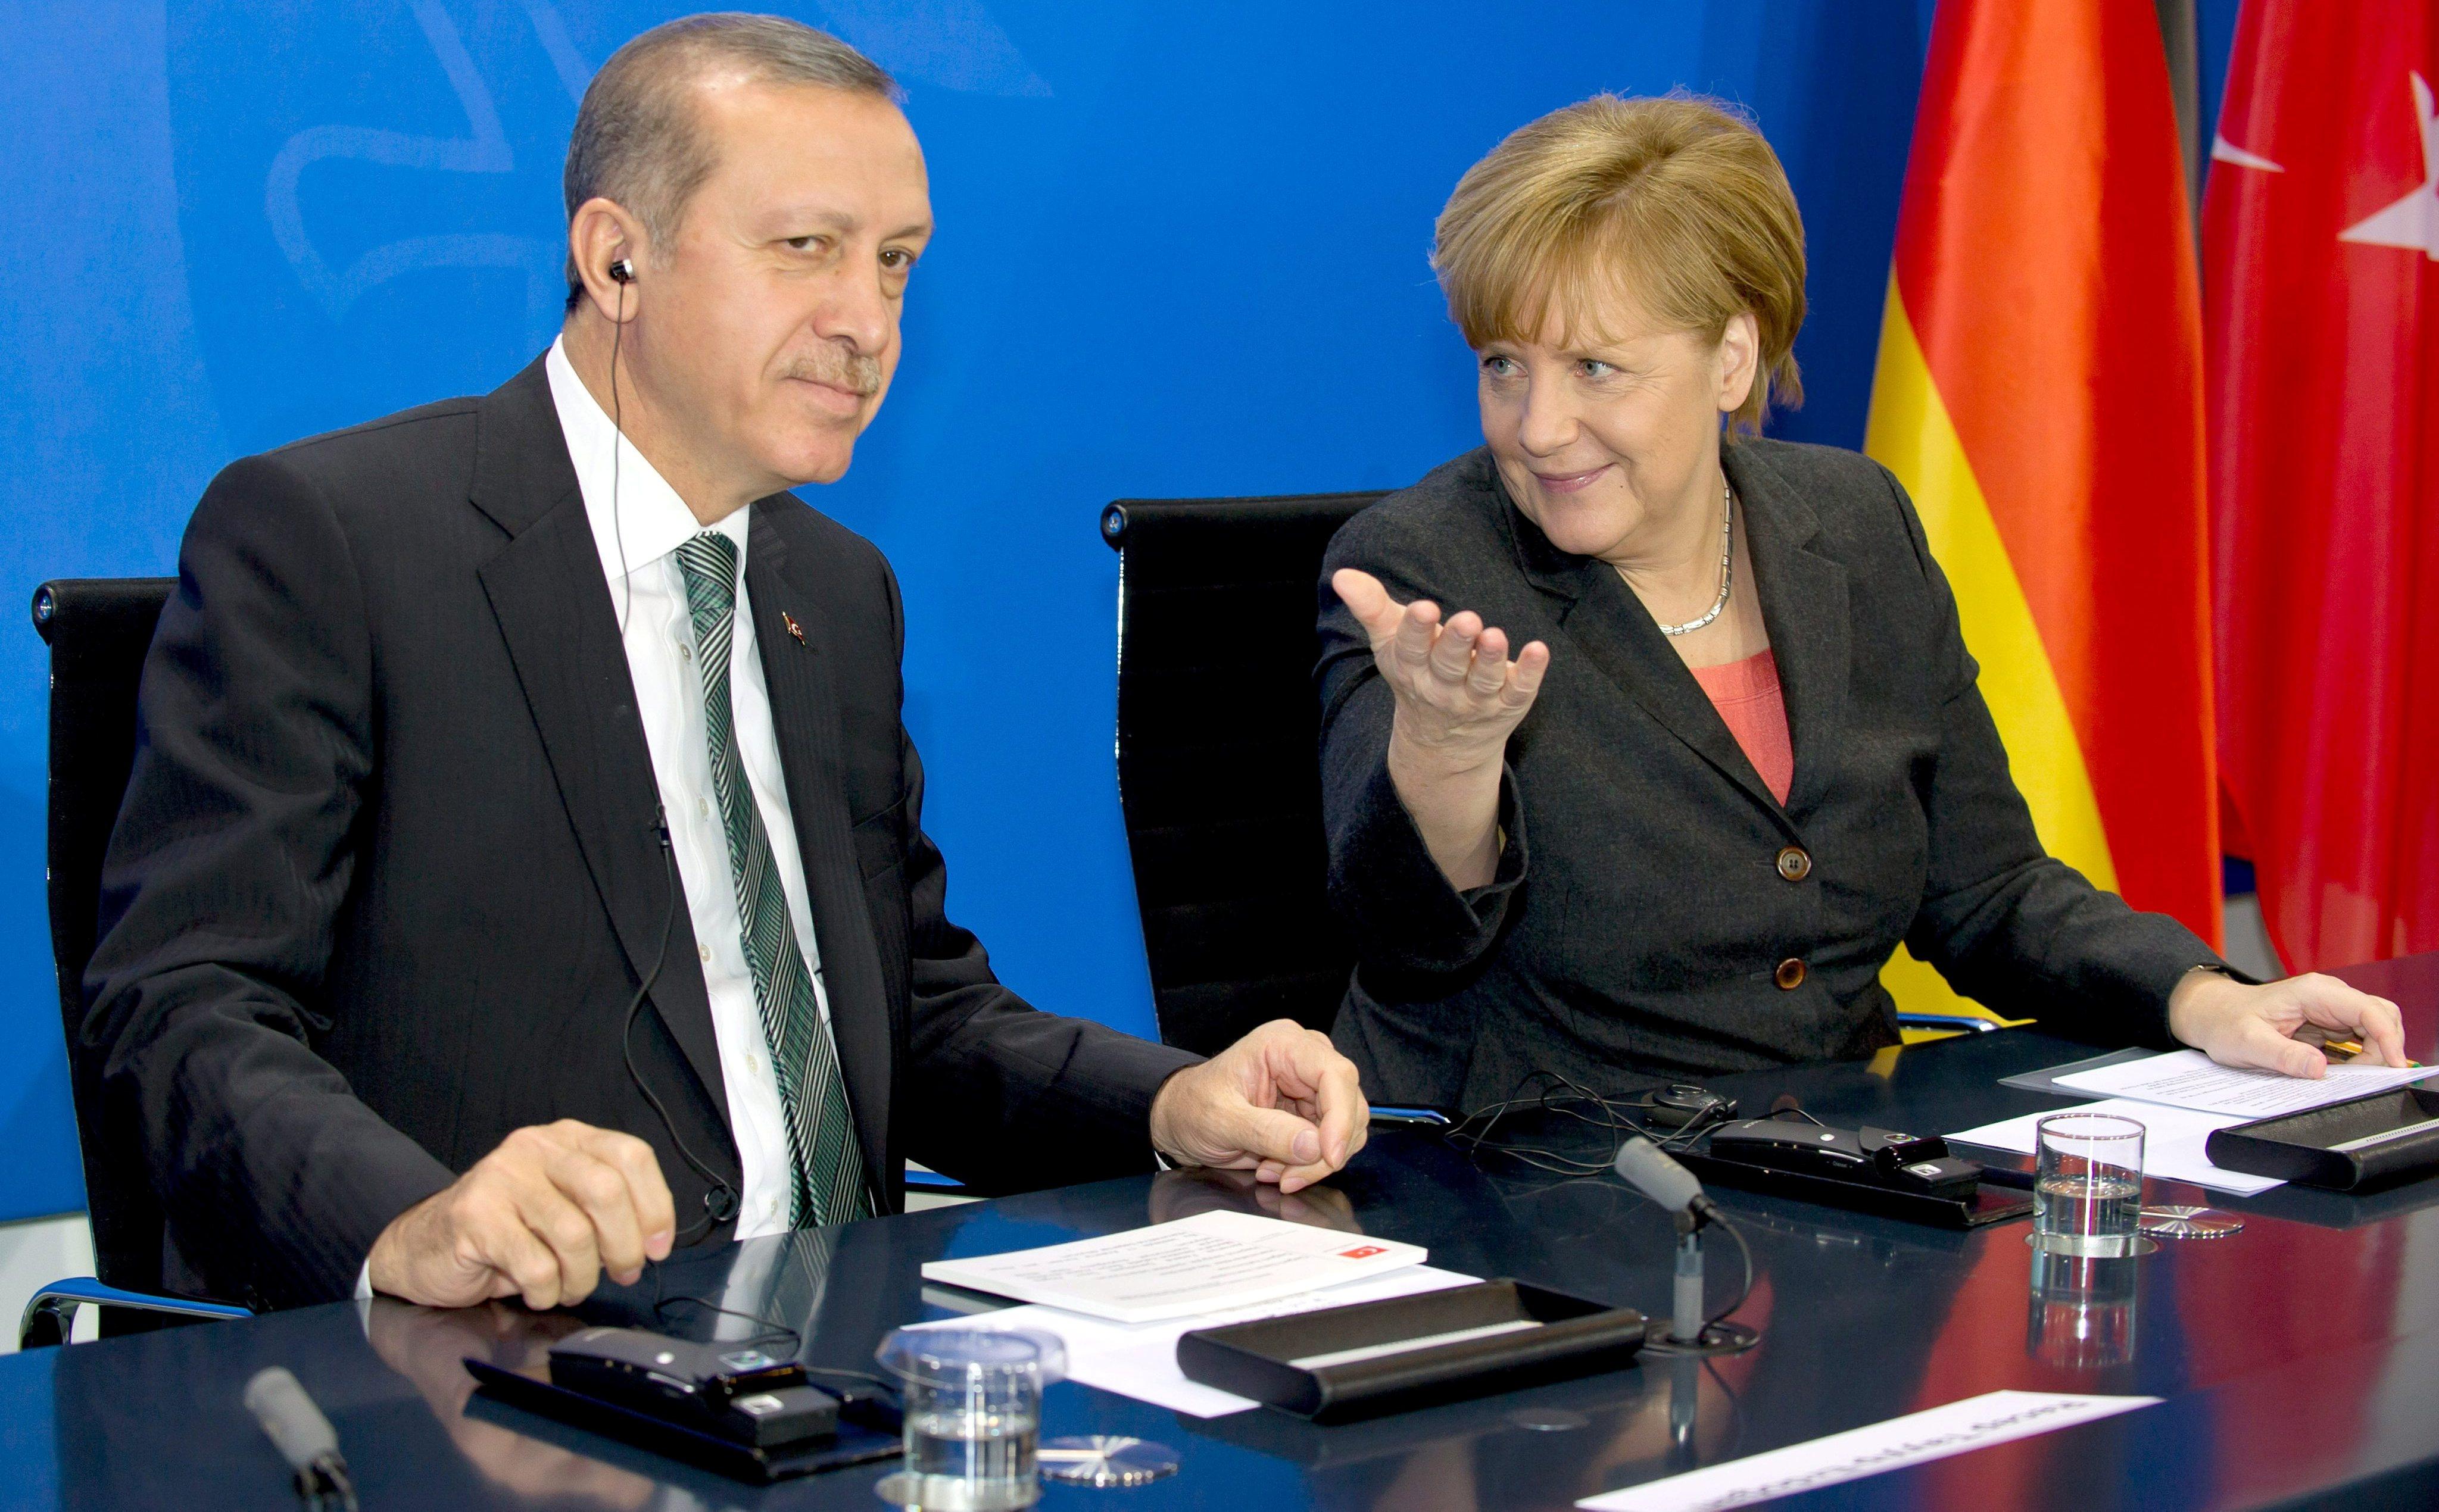 Νέο Προσφυγικό Σχέδιο - Εκ Νέου Οικονομική Ενίσχυση;